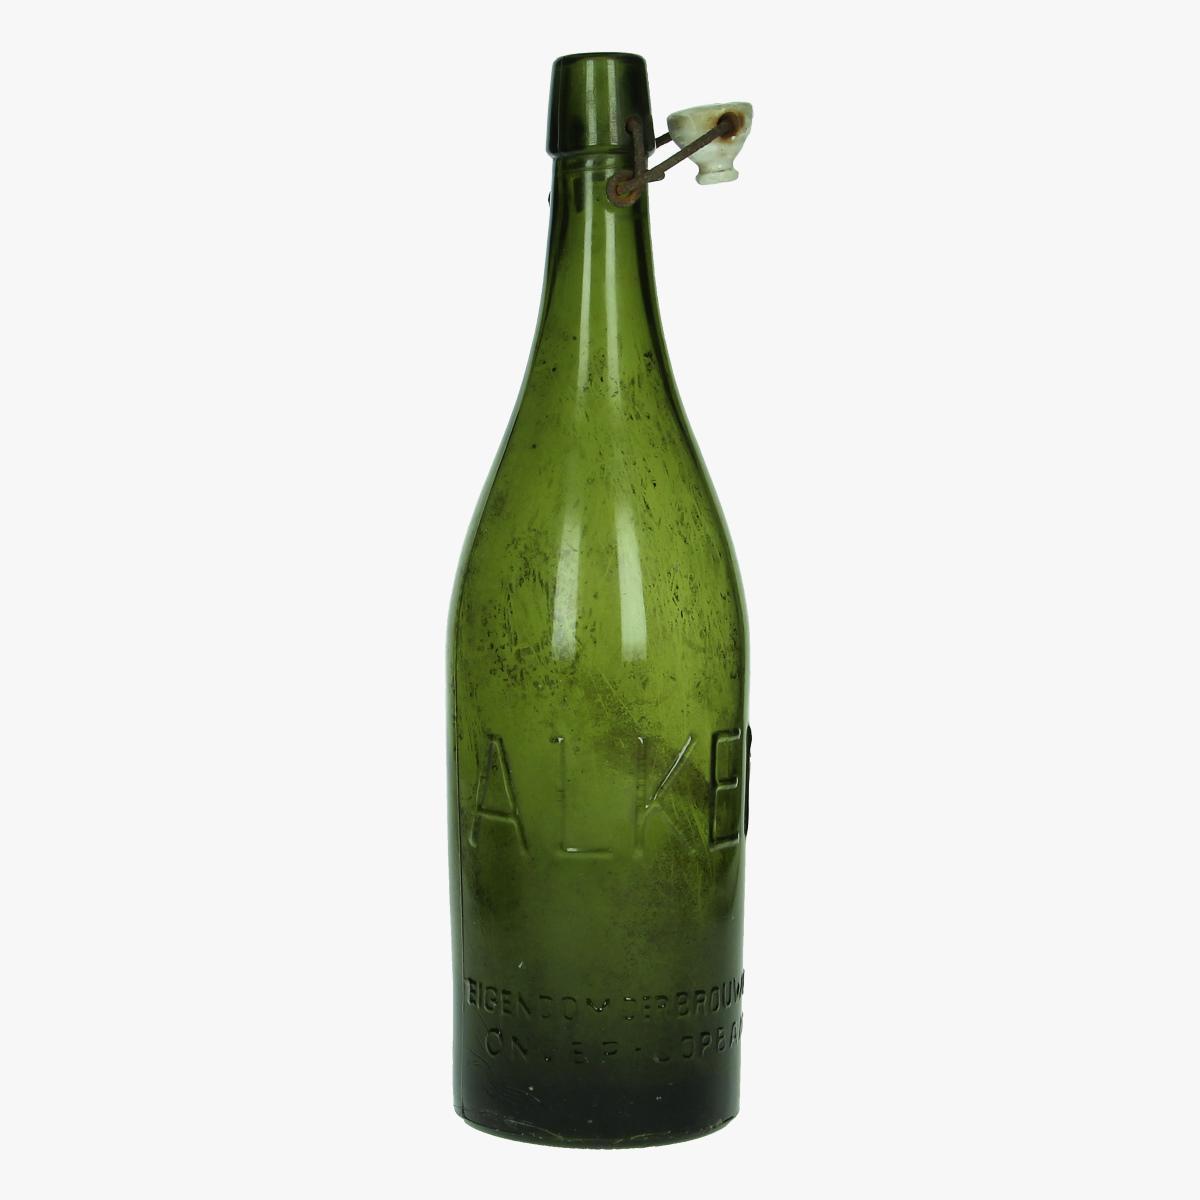 Afbeeldingen van oude bierfles Alken